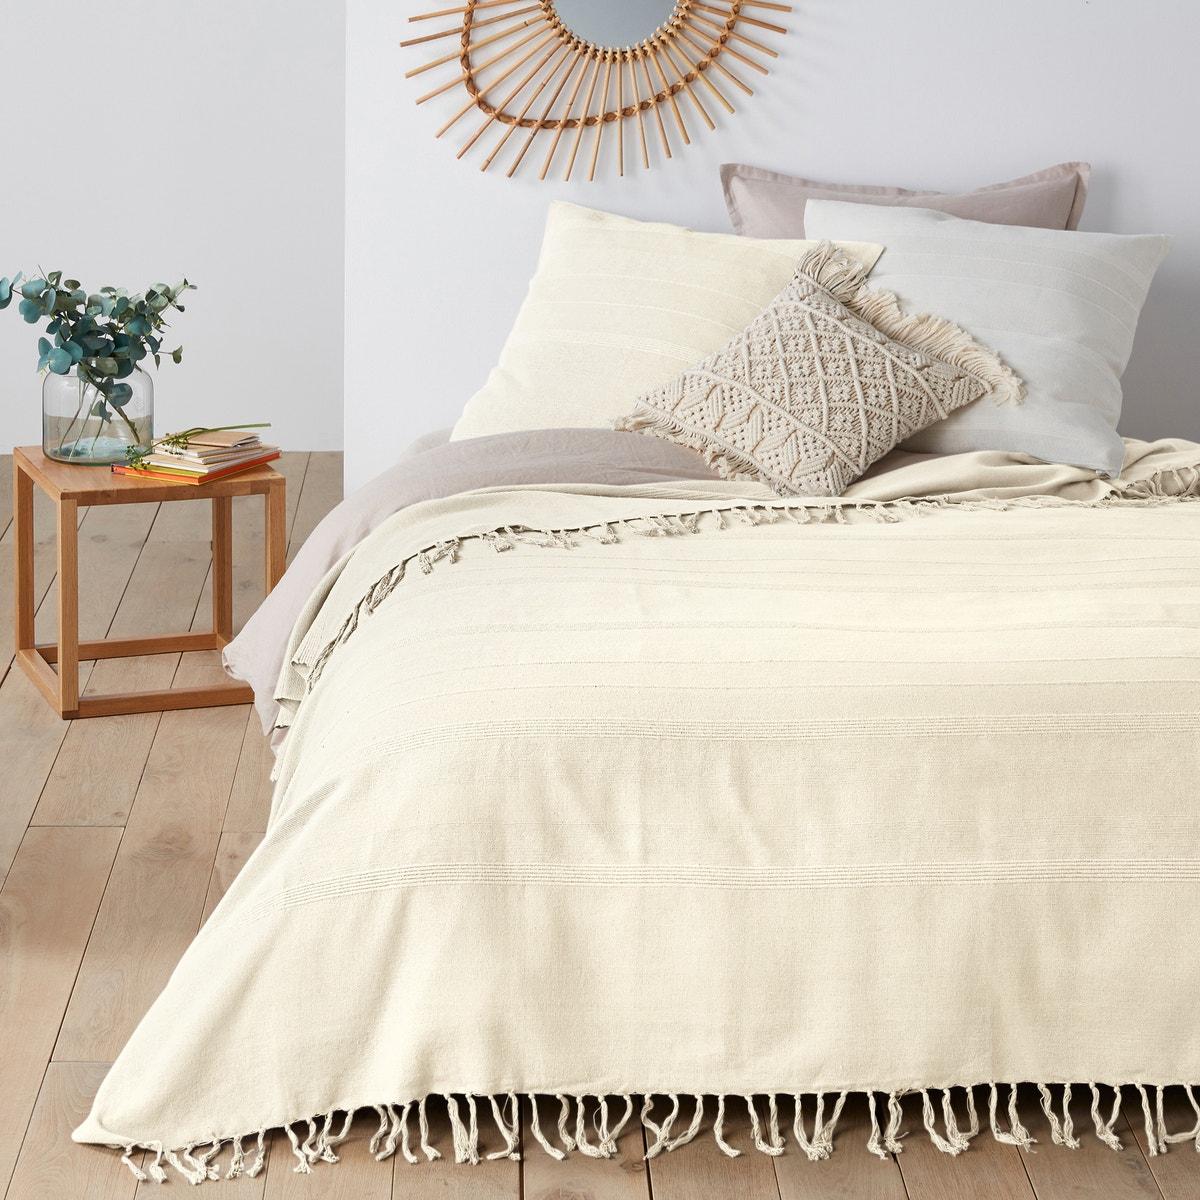 Κάλυμμα κρεβατιού σπιτι   κρεβατοκάμαρα   καλύμματα